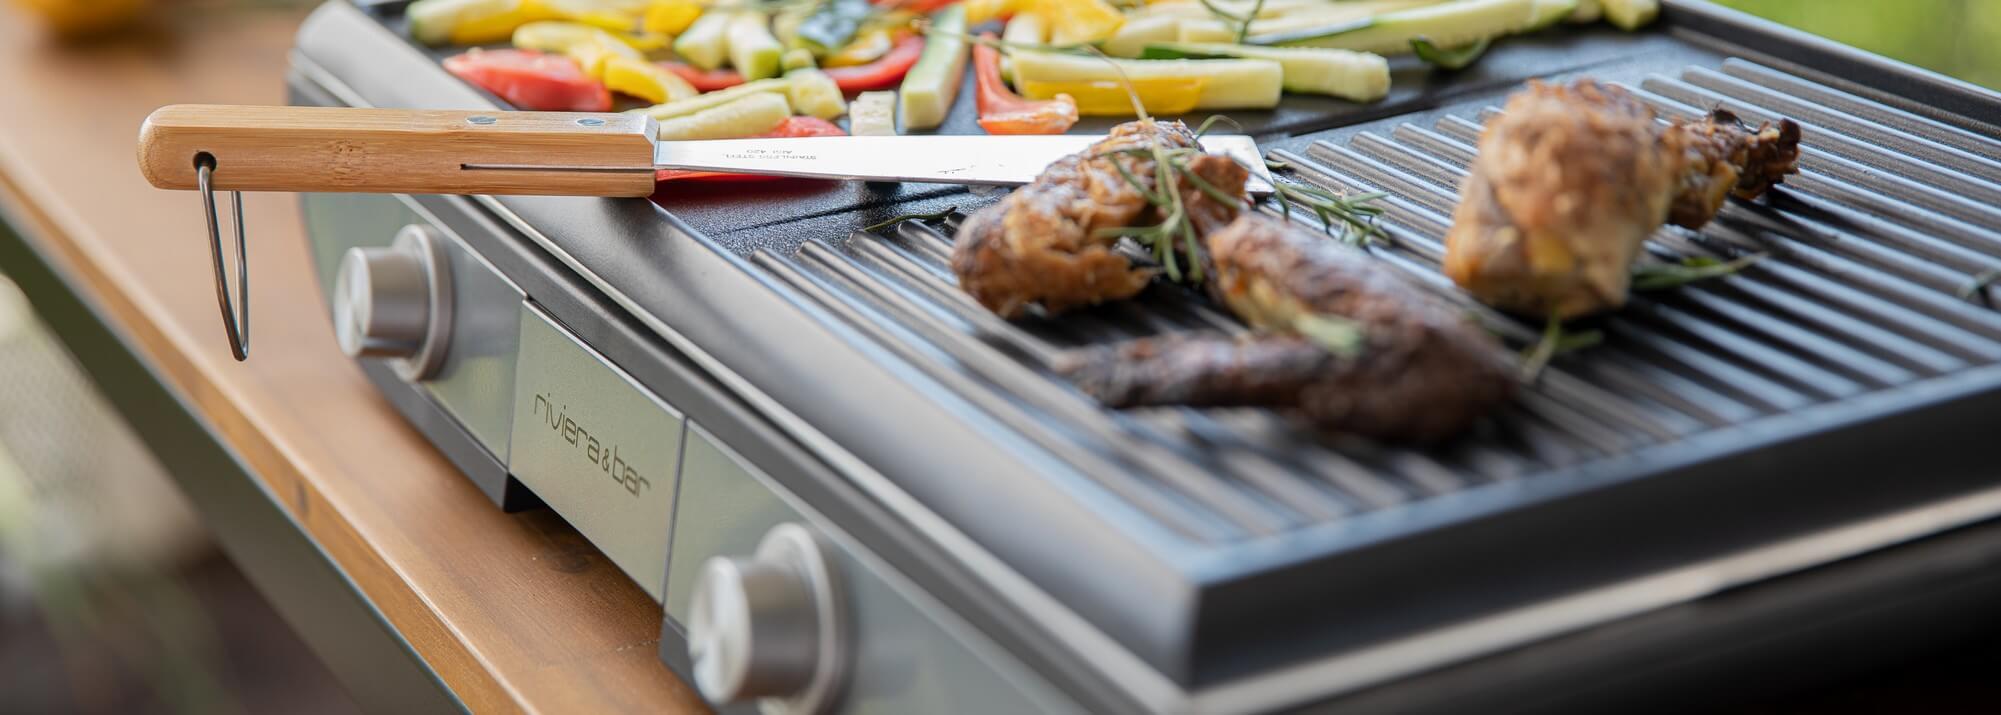 Ustensiles et accessoires pour barbecues et planchas